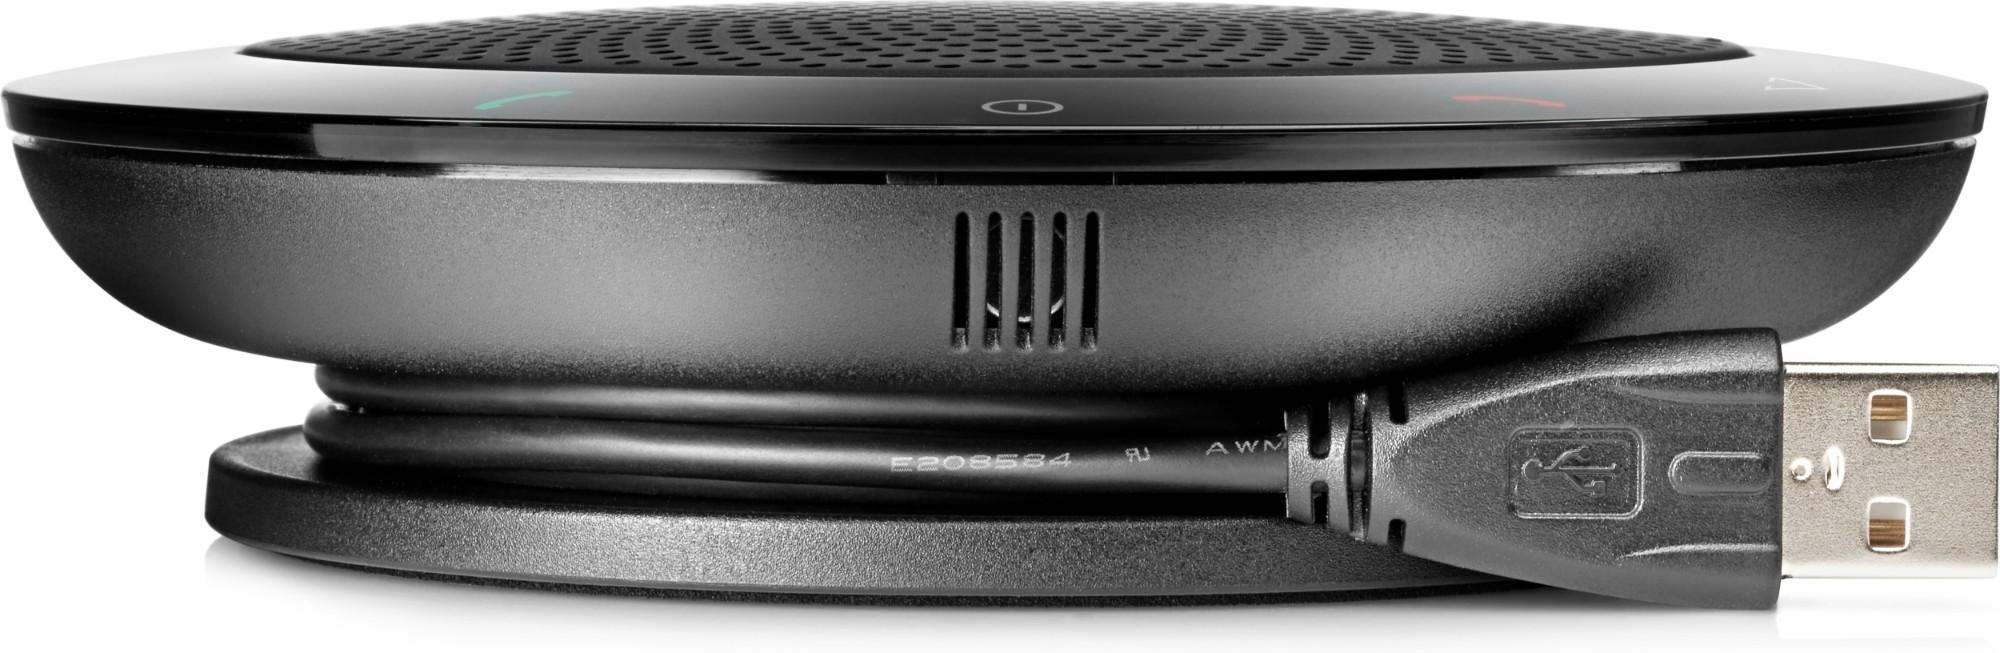 UC Speaker Phone (K7V16AA)